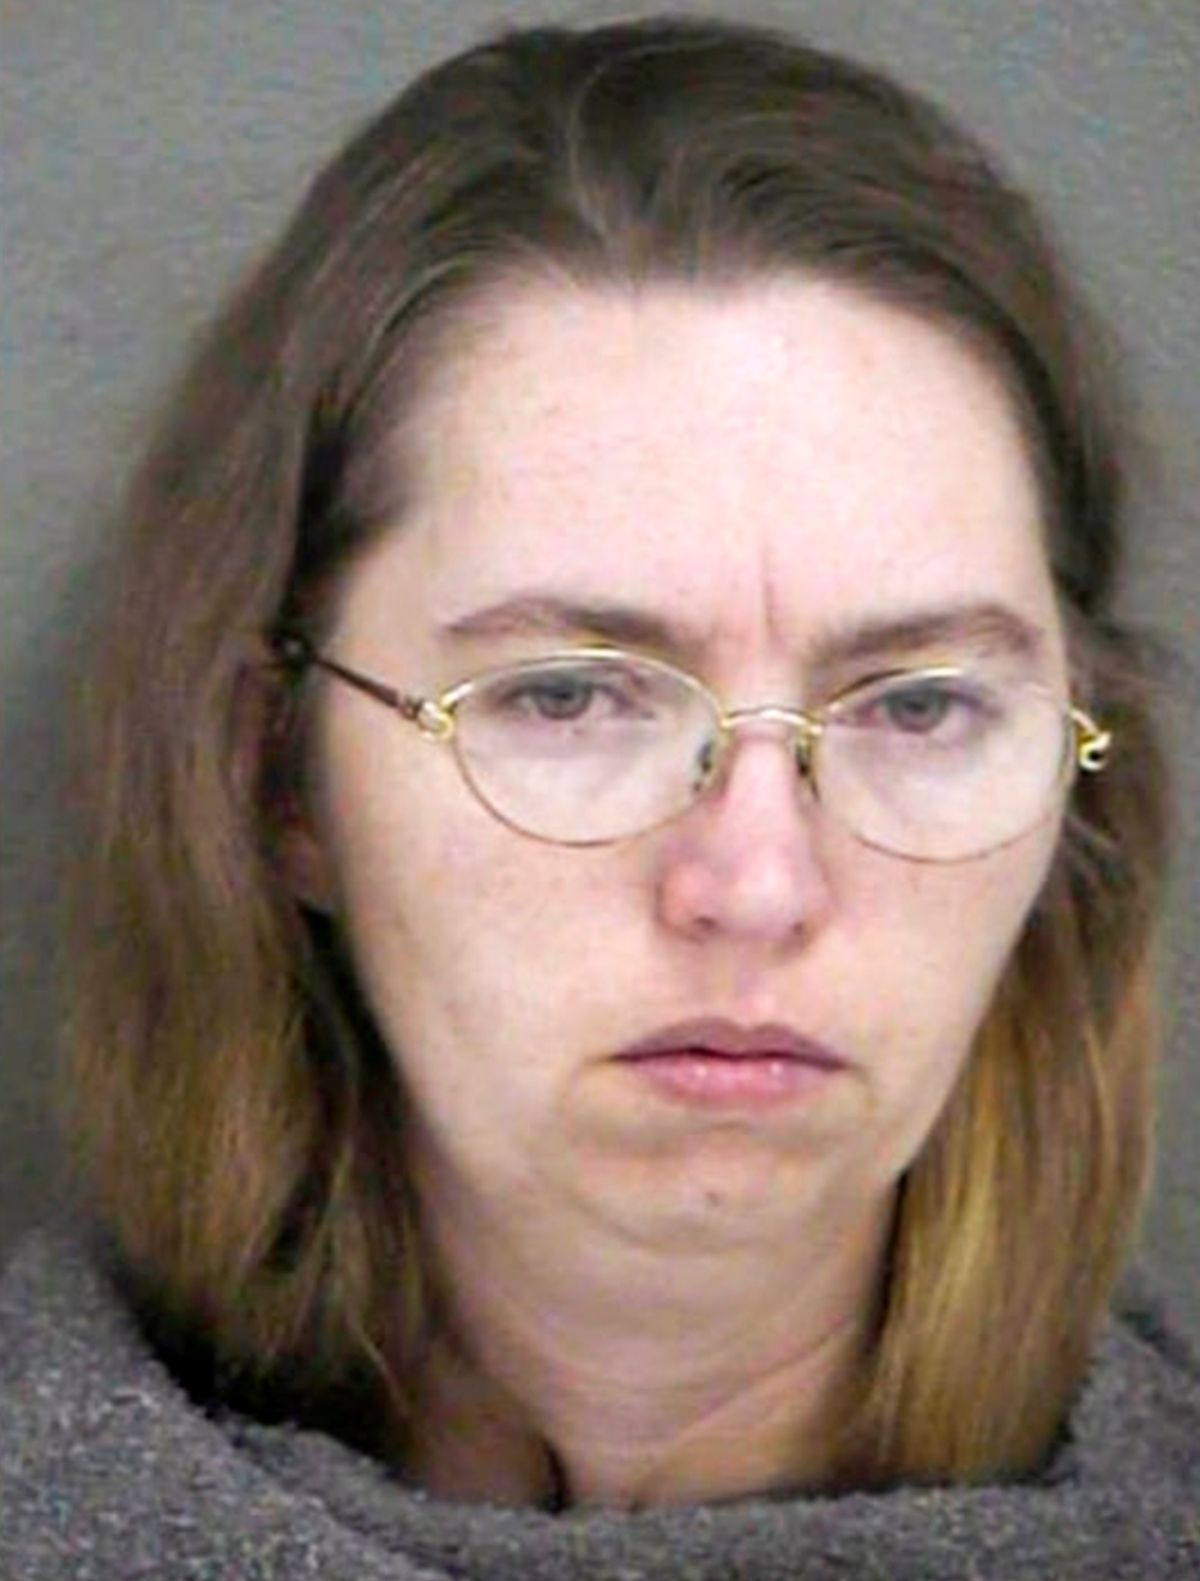 El macabro crimen por el que ejecutaron hoy a Lisa Montgomery: estranguló a embarazada, le sacó bebé del vientre y lo secuestró